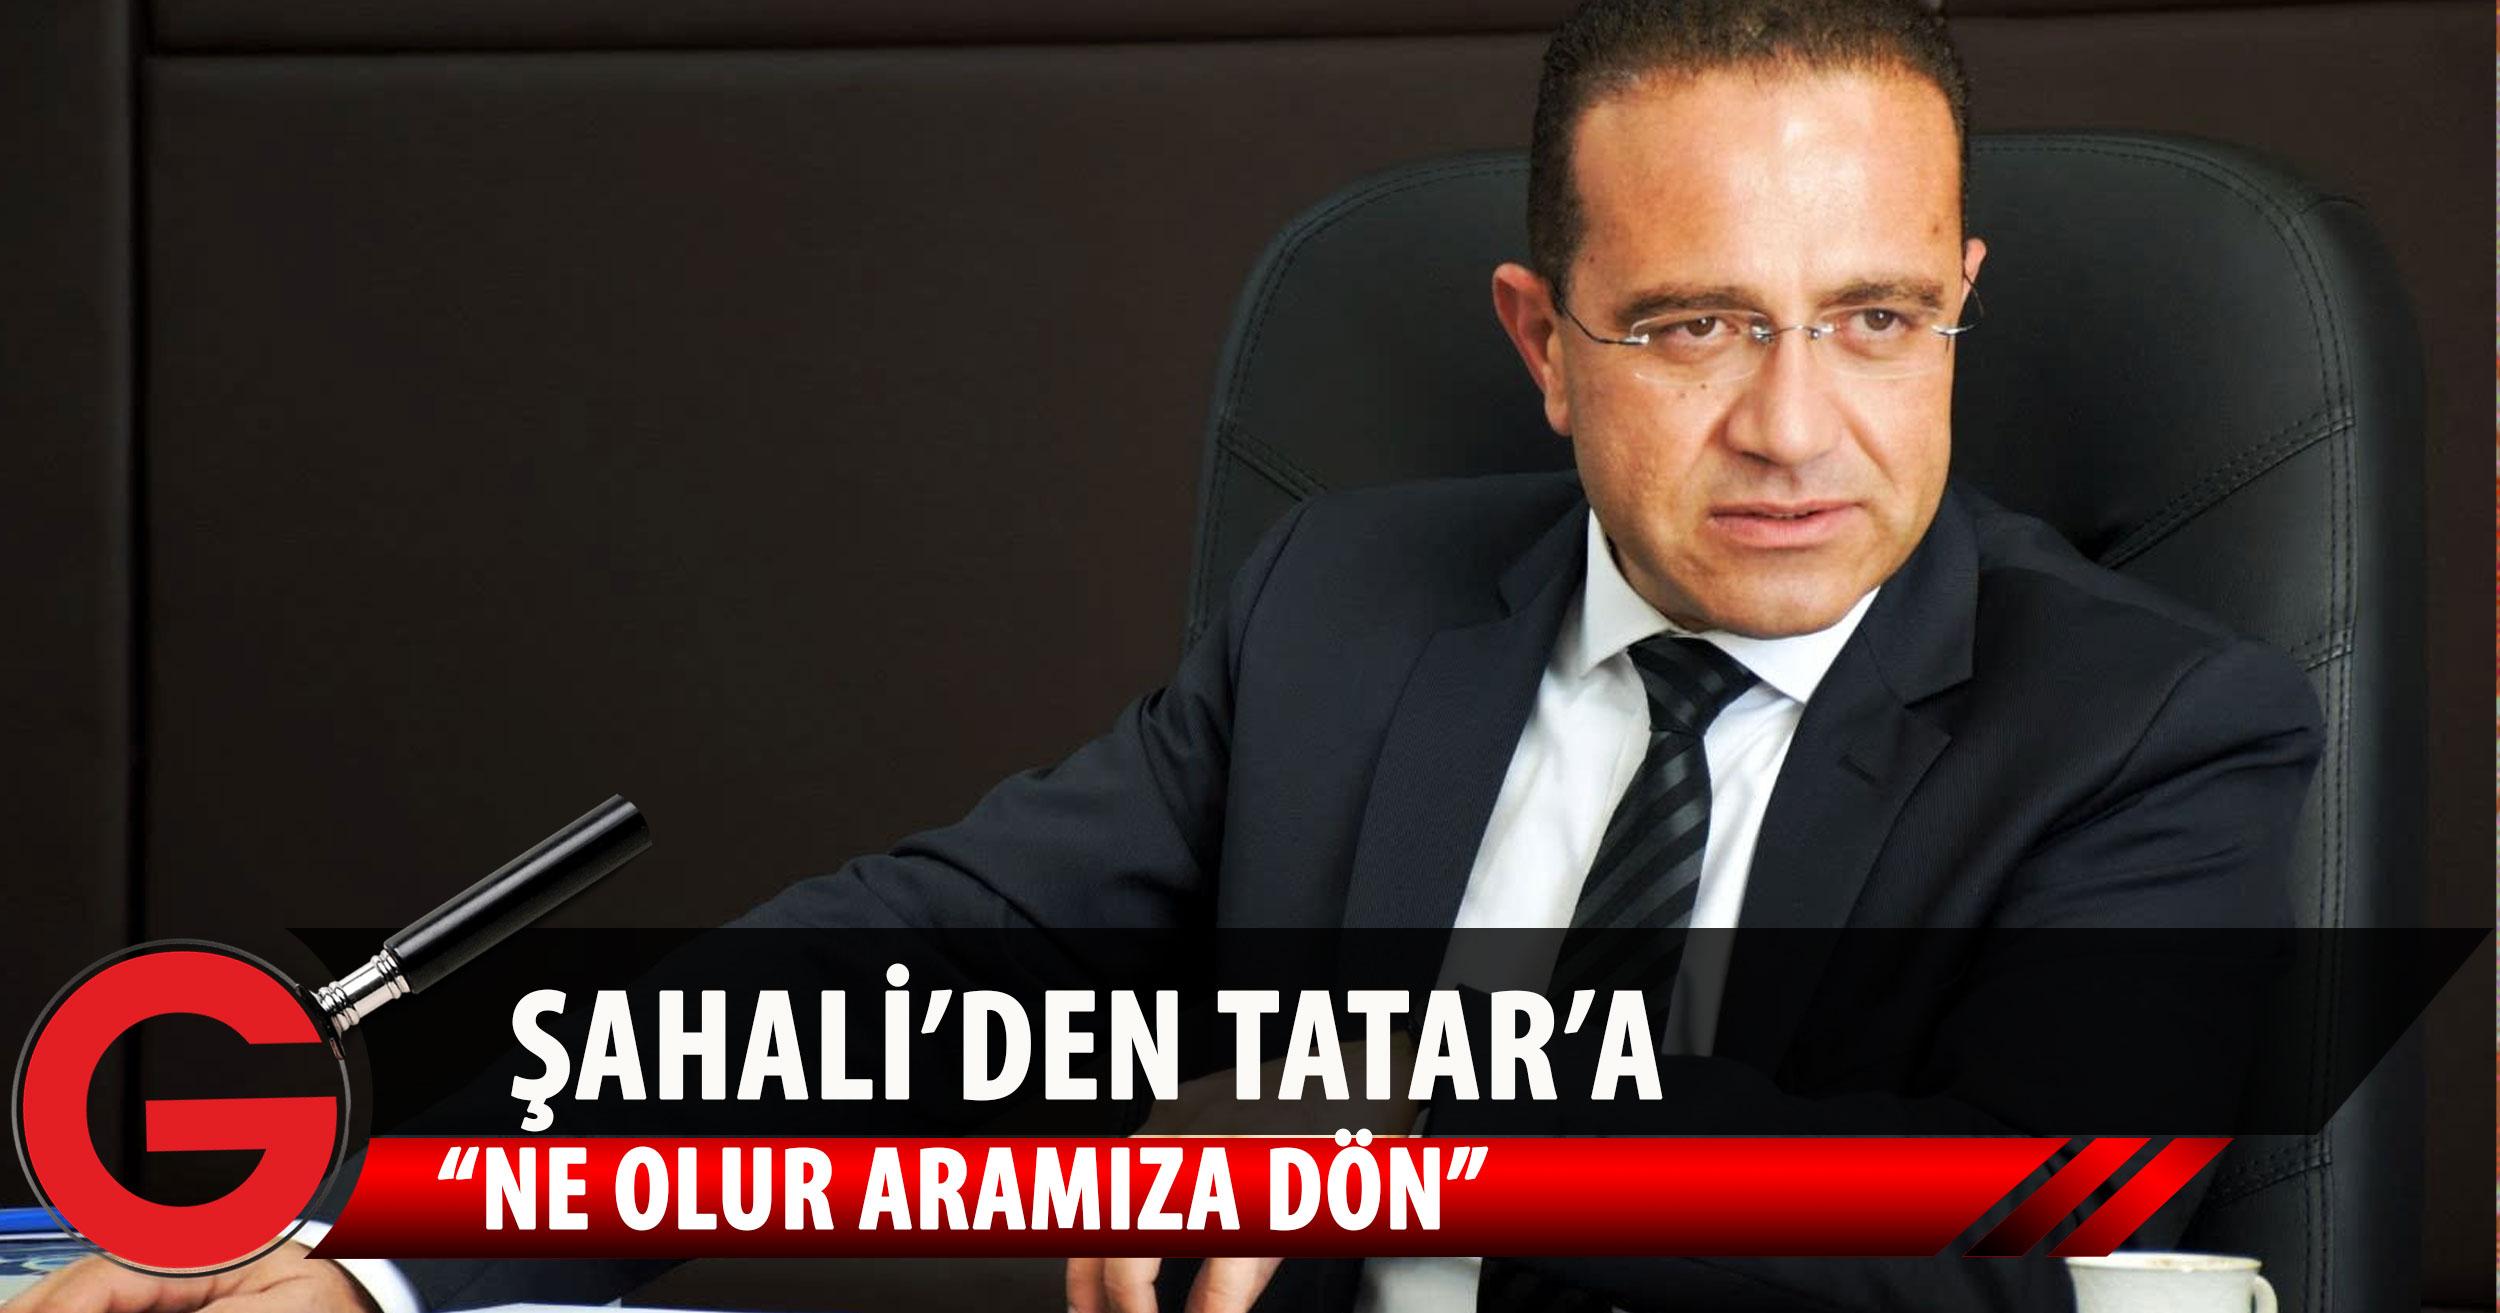 Şahali: Varsa o cesaretin, çık karşımıza, bunları bir de yüzümüze beraber söyle Sayın Tatar